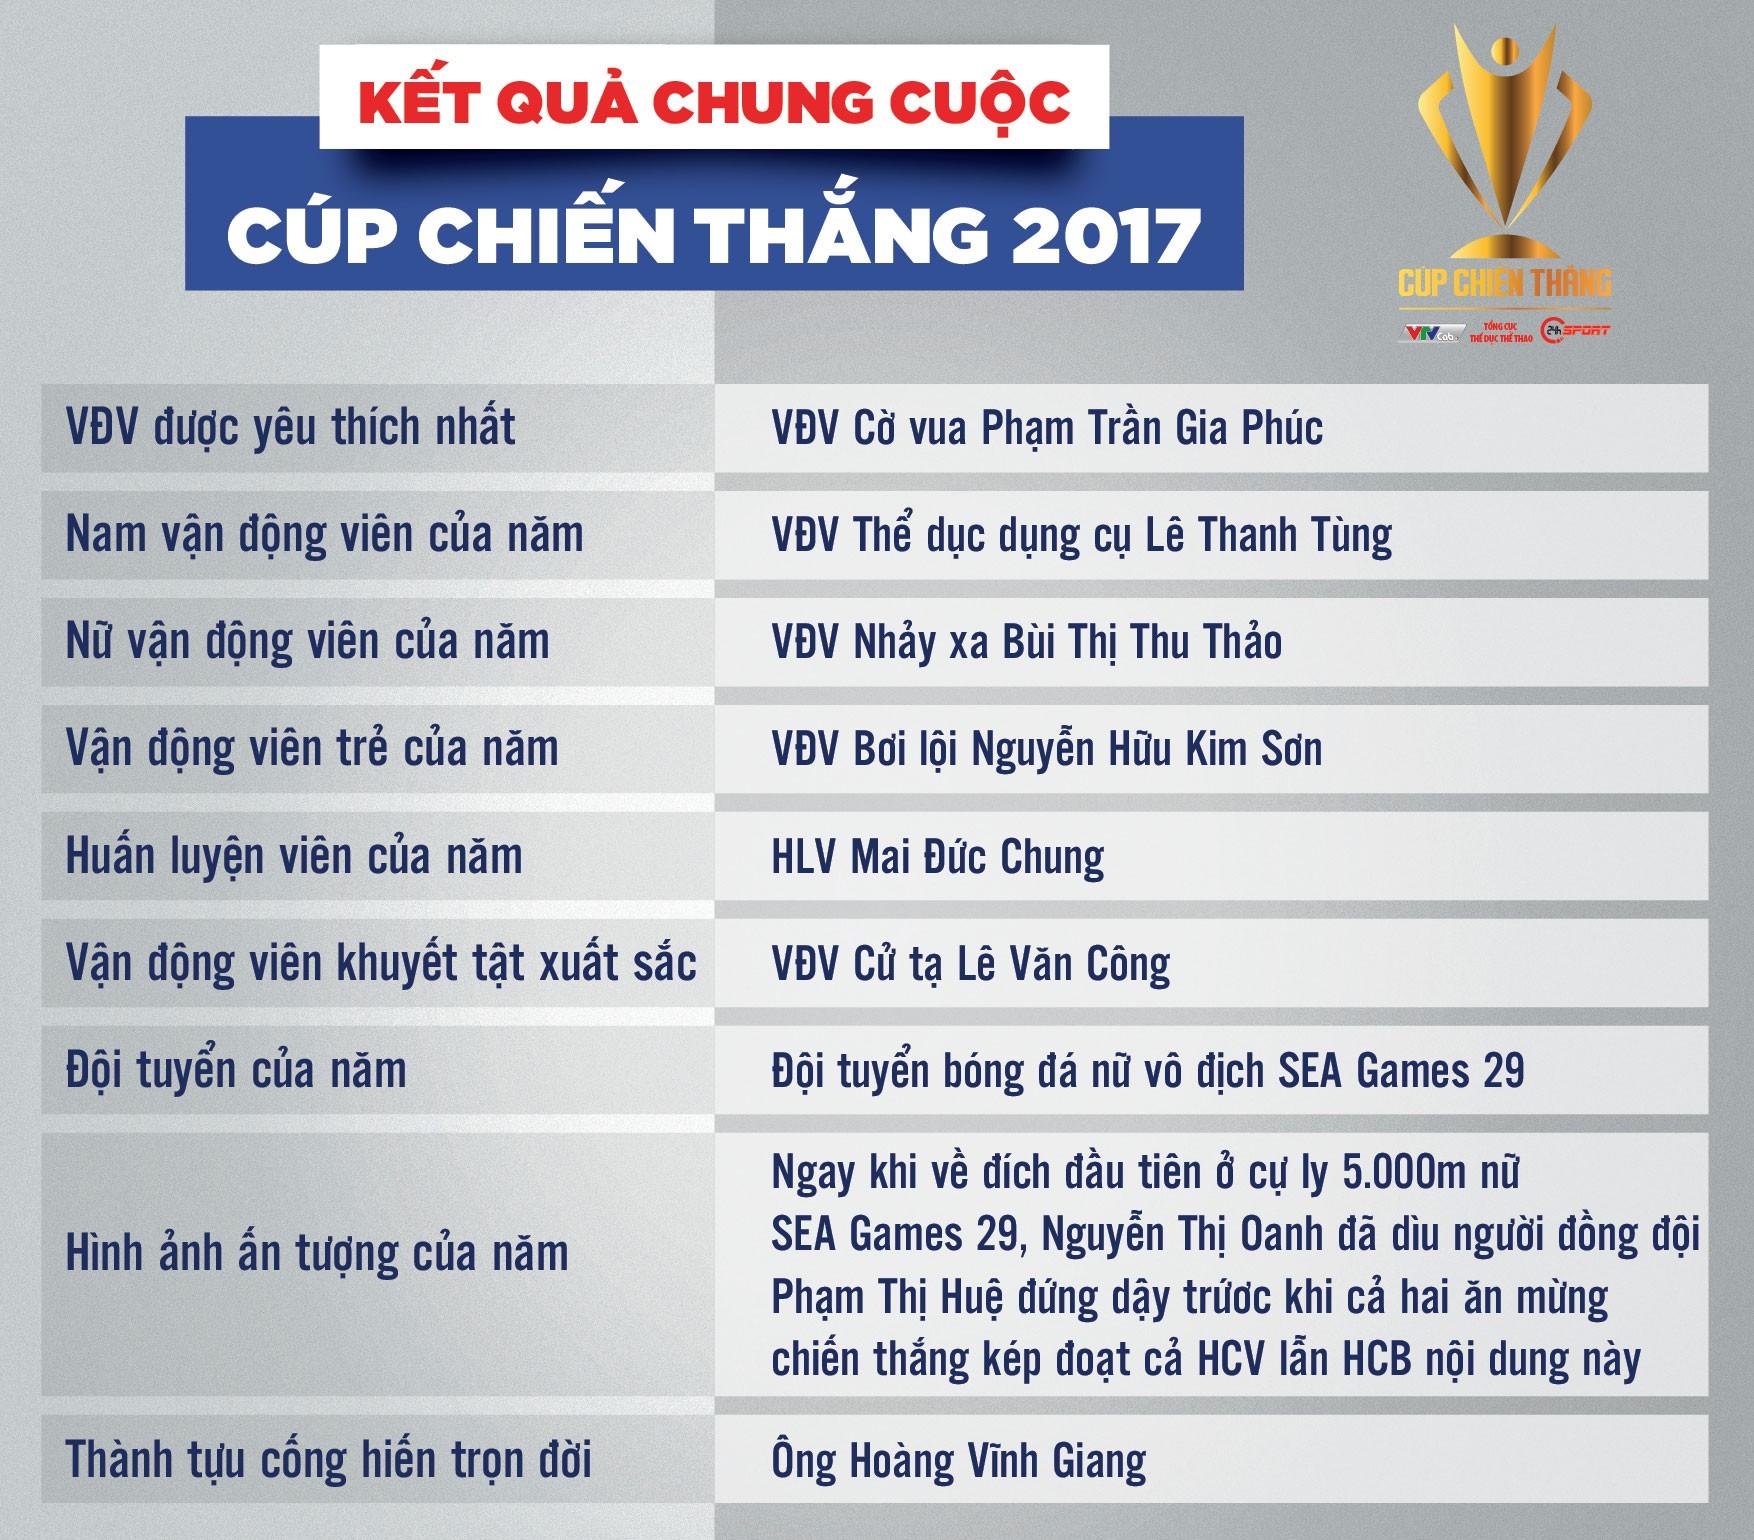 Danh sách cá nhân, tập thể đoạt giải tại Cúp Chiến thắng 2017.